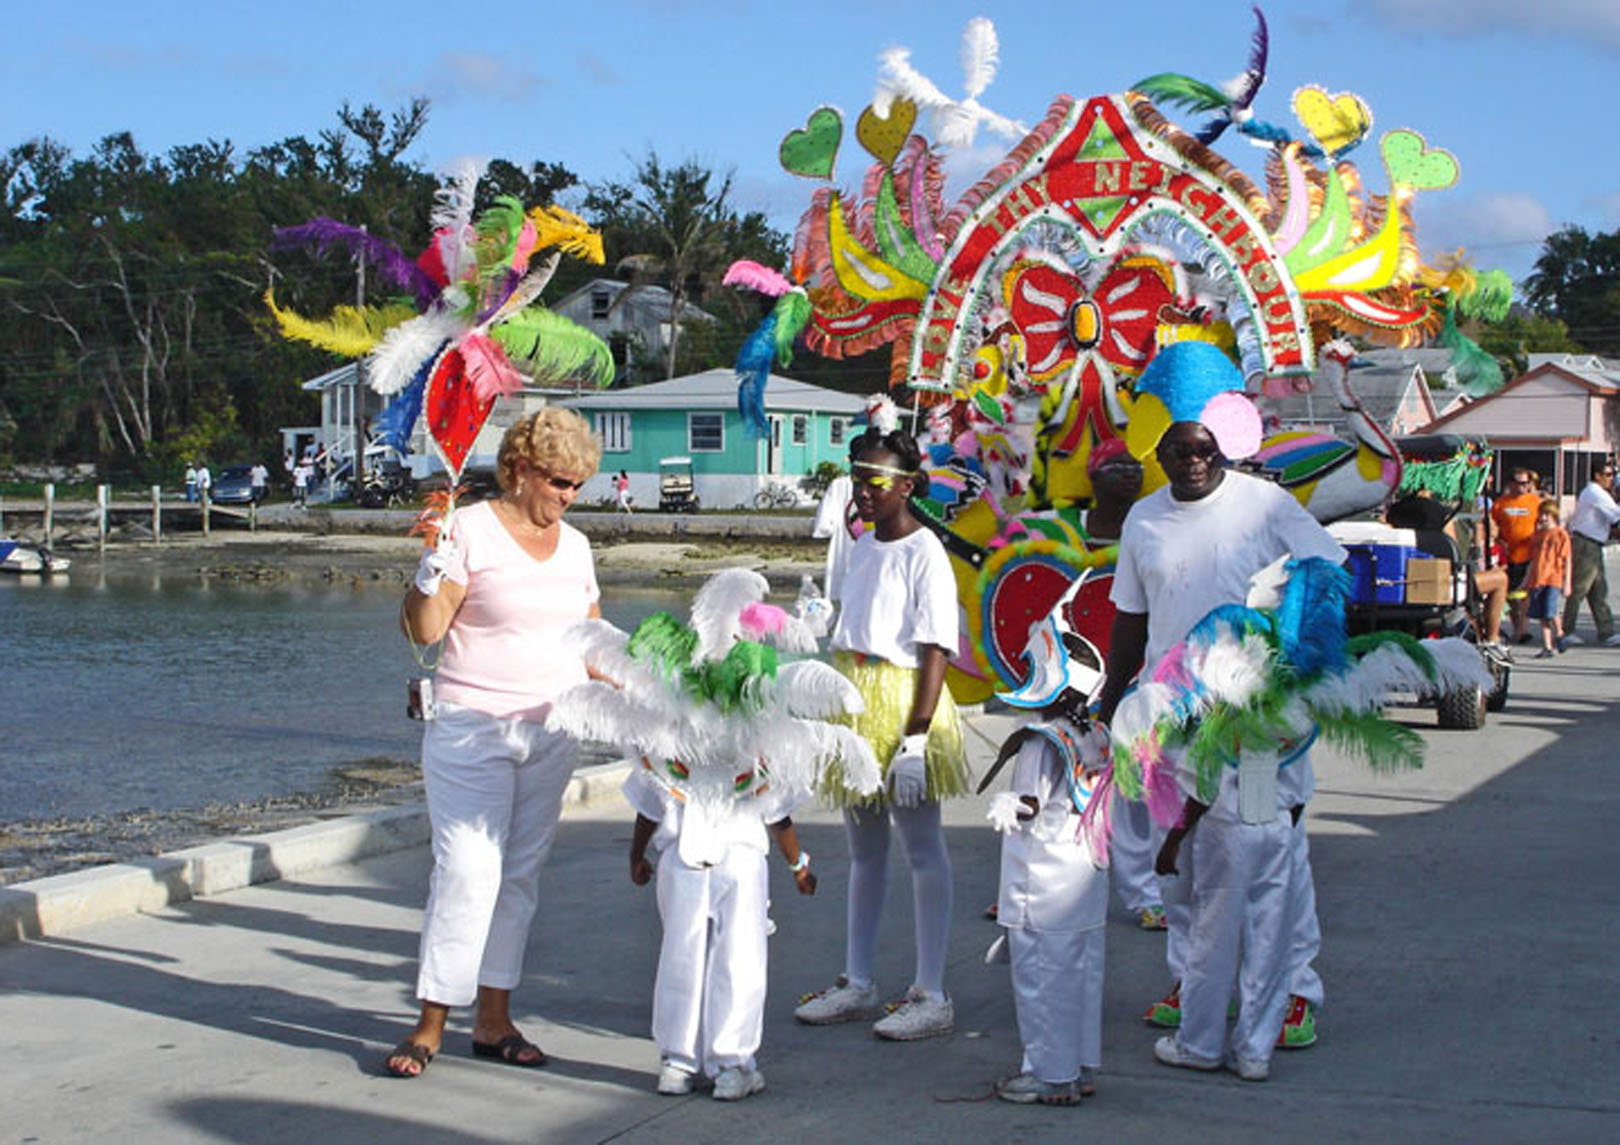 bahamas, abaco, green turtle cay, new year's, junkanoo